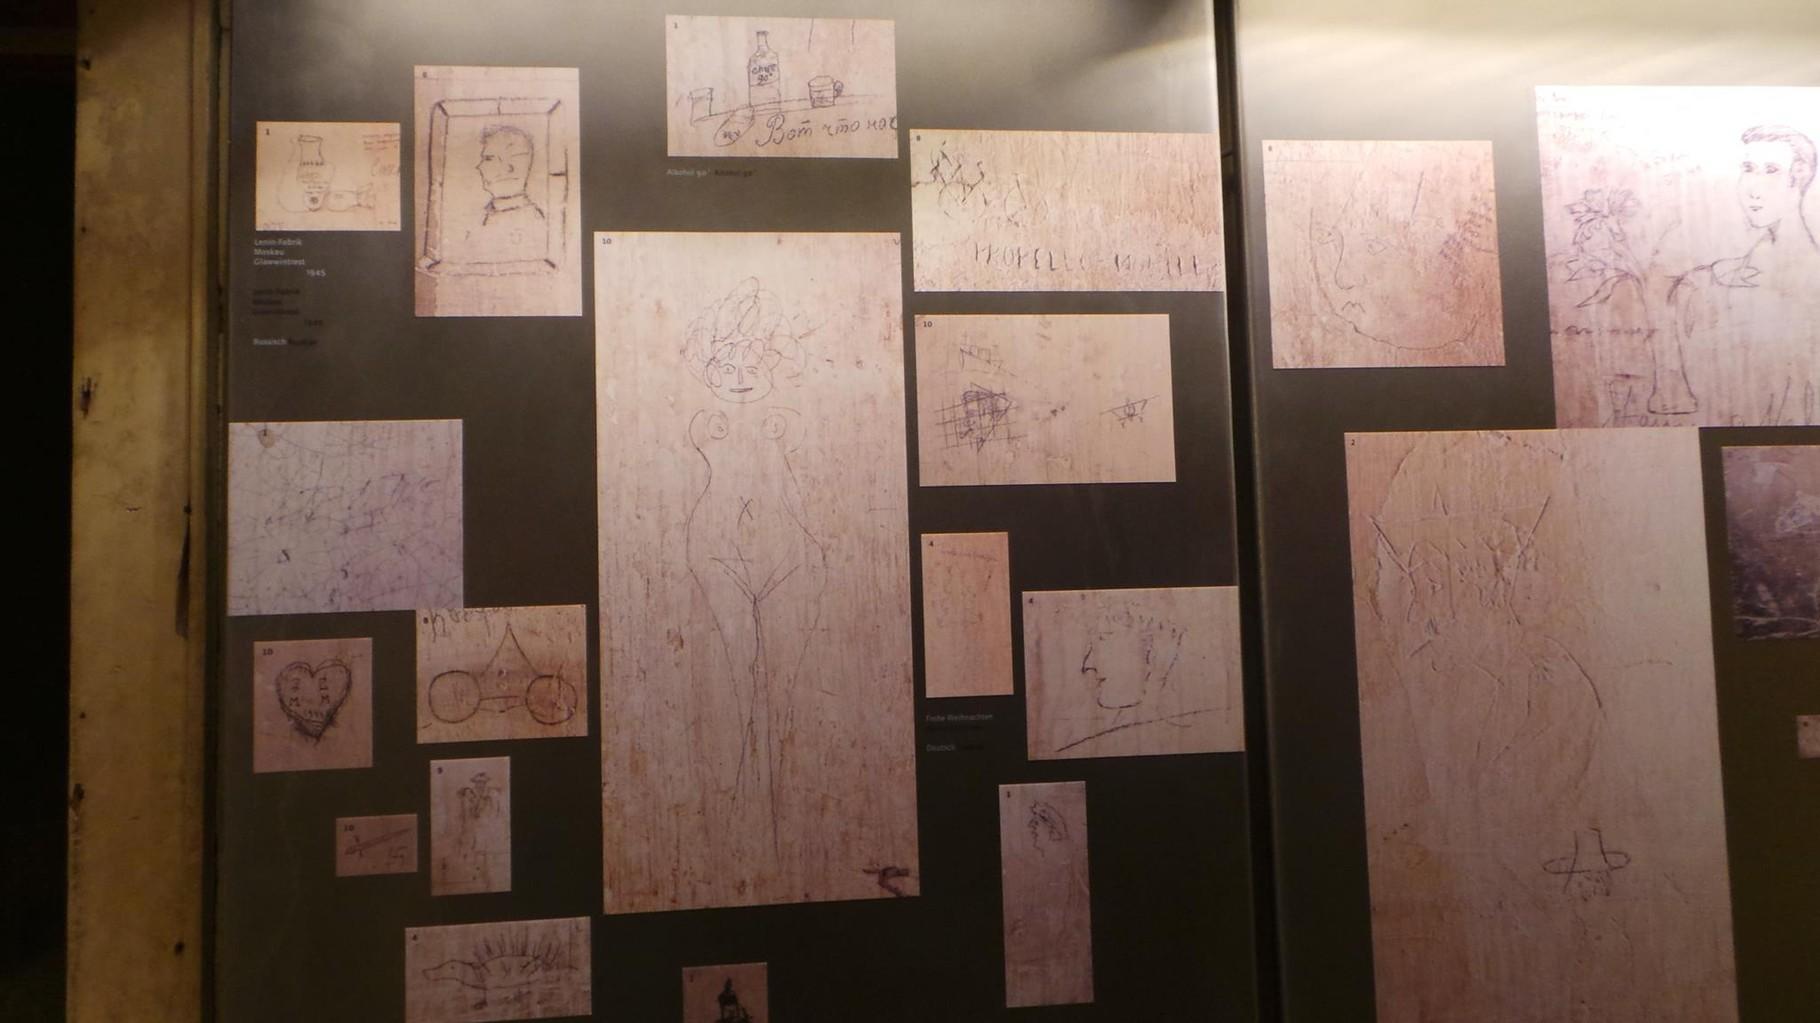 Ritrovamento delle scritte sulle pareti